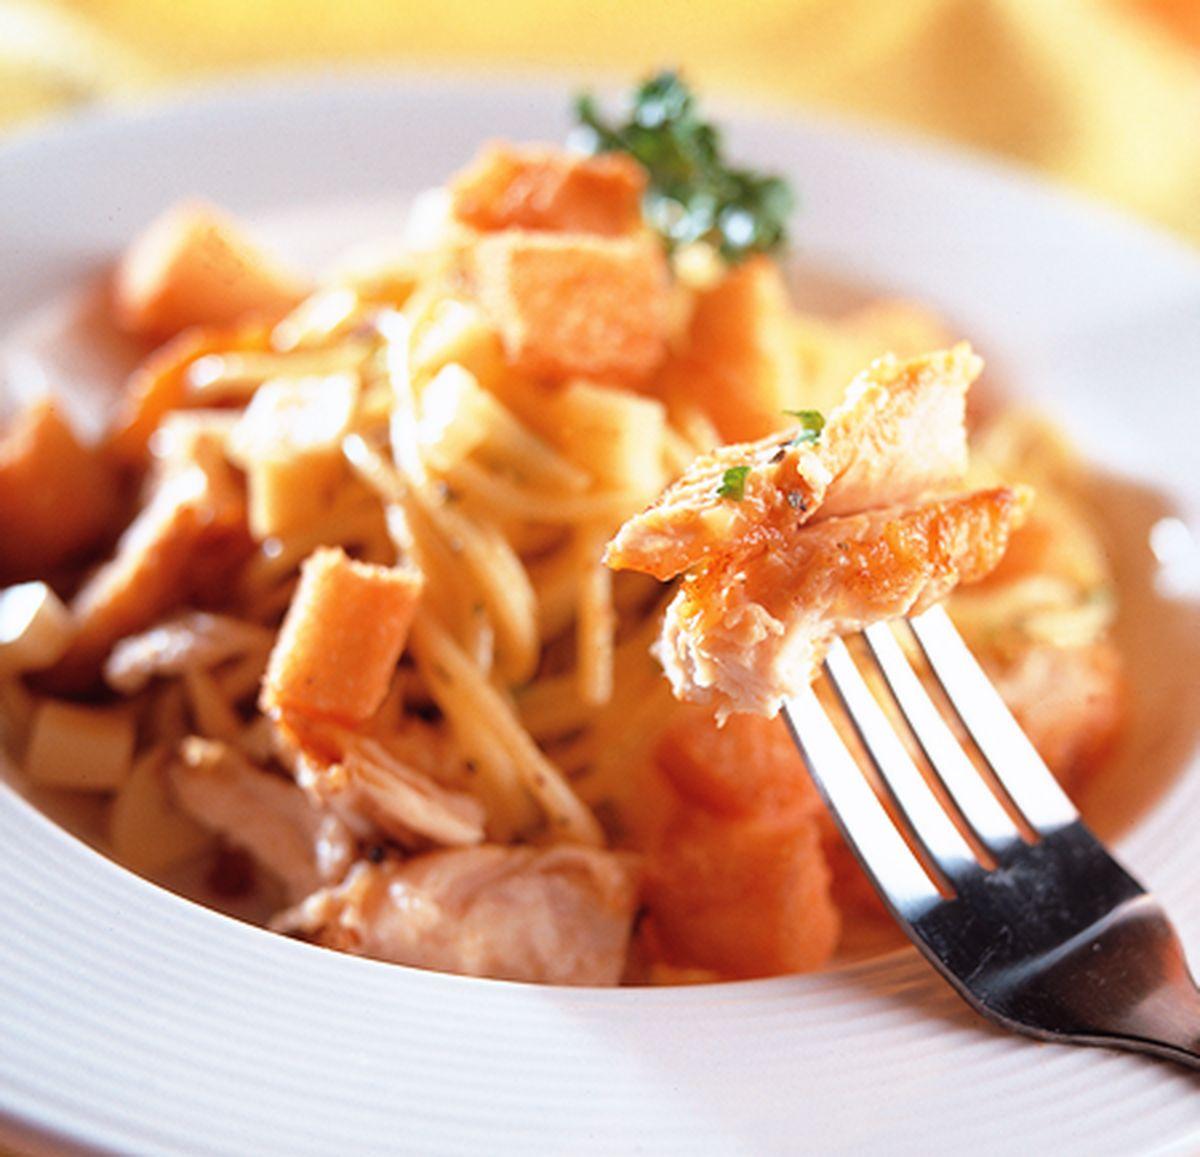 食譜:起士雞肉義大利麵